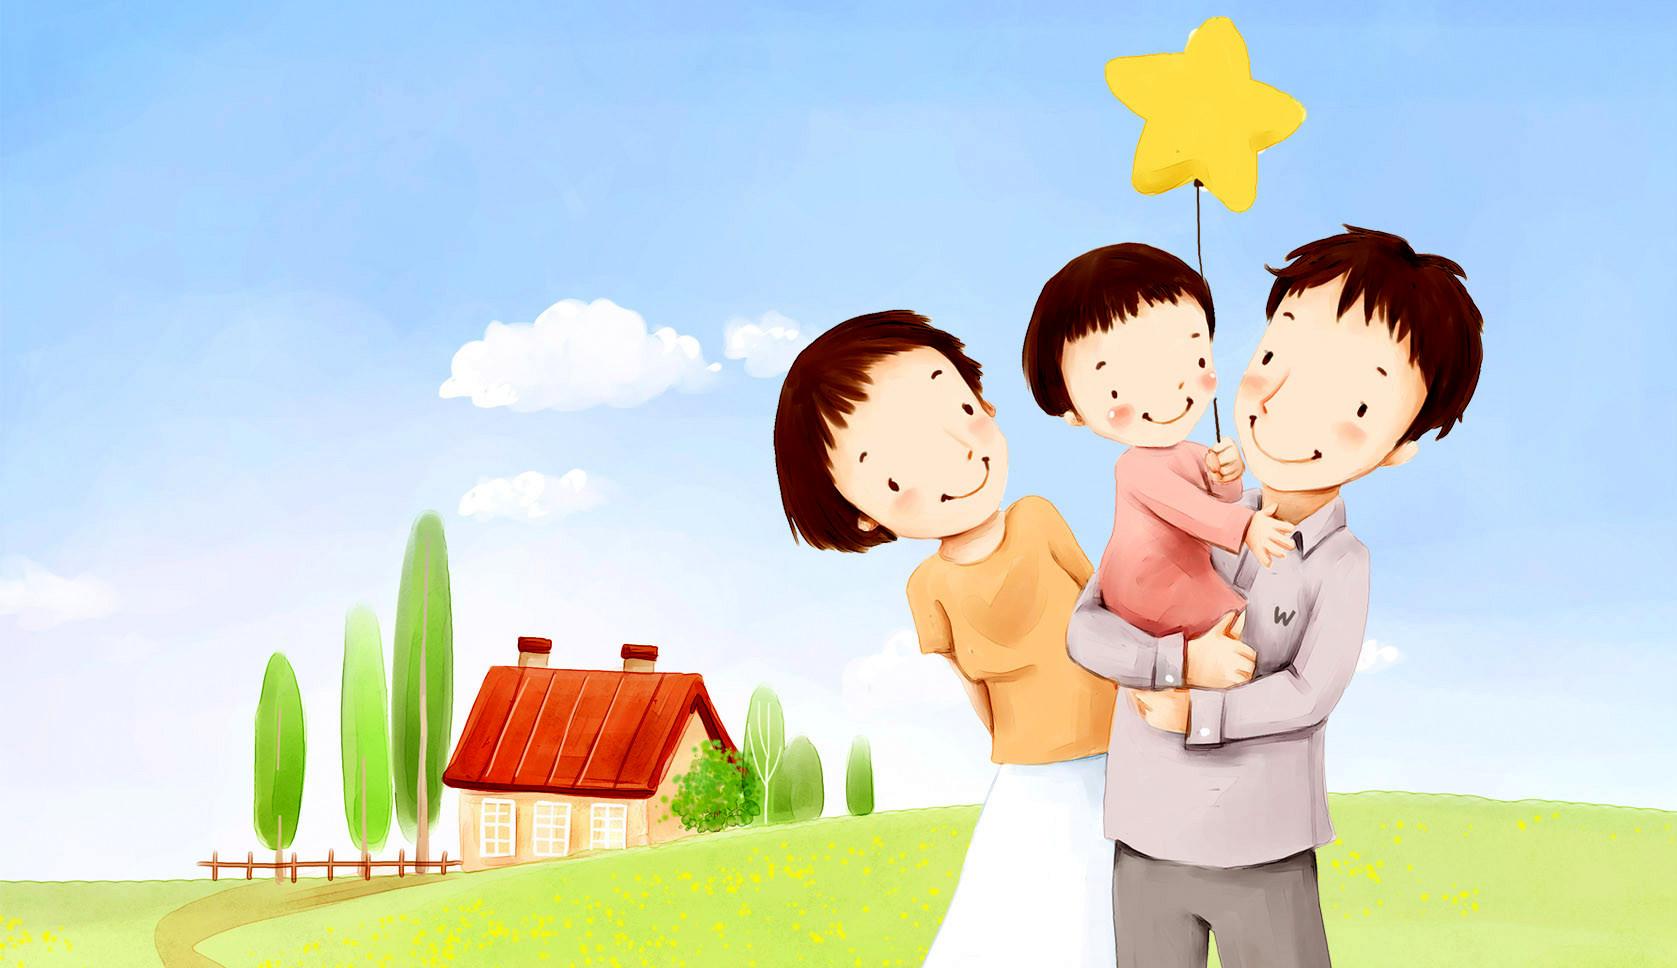 Ищу родителей картинка